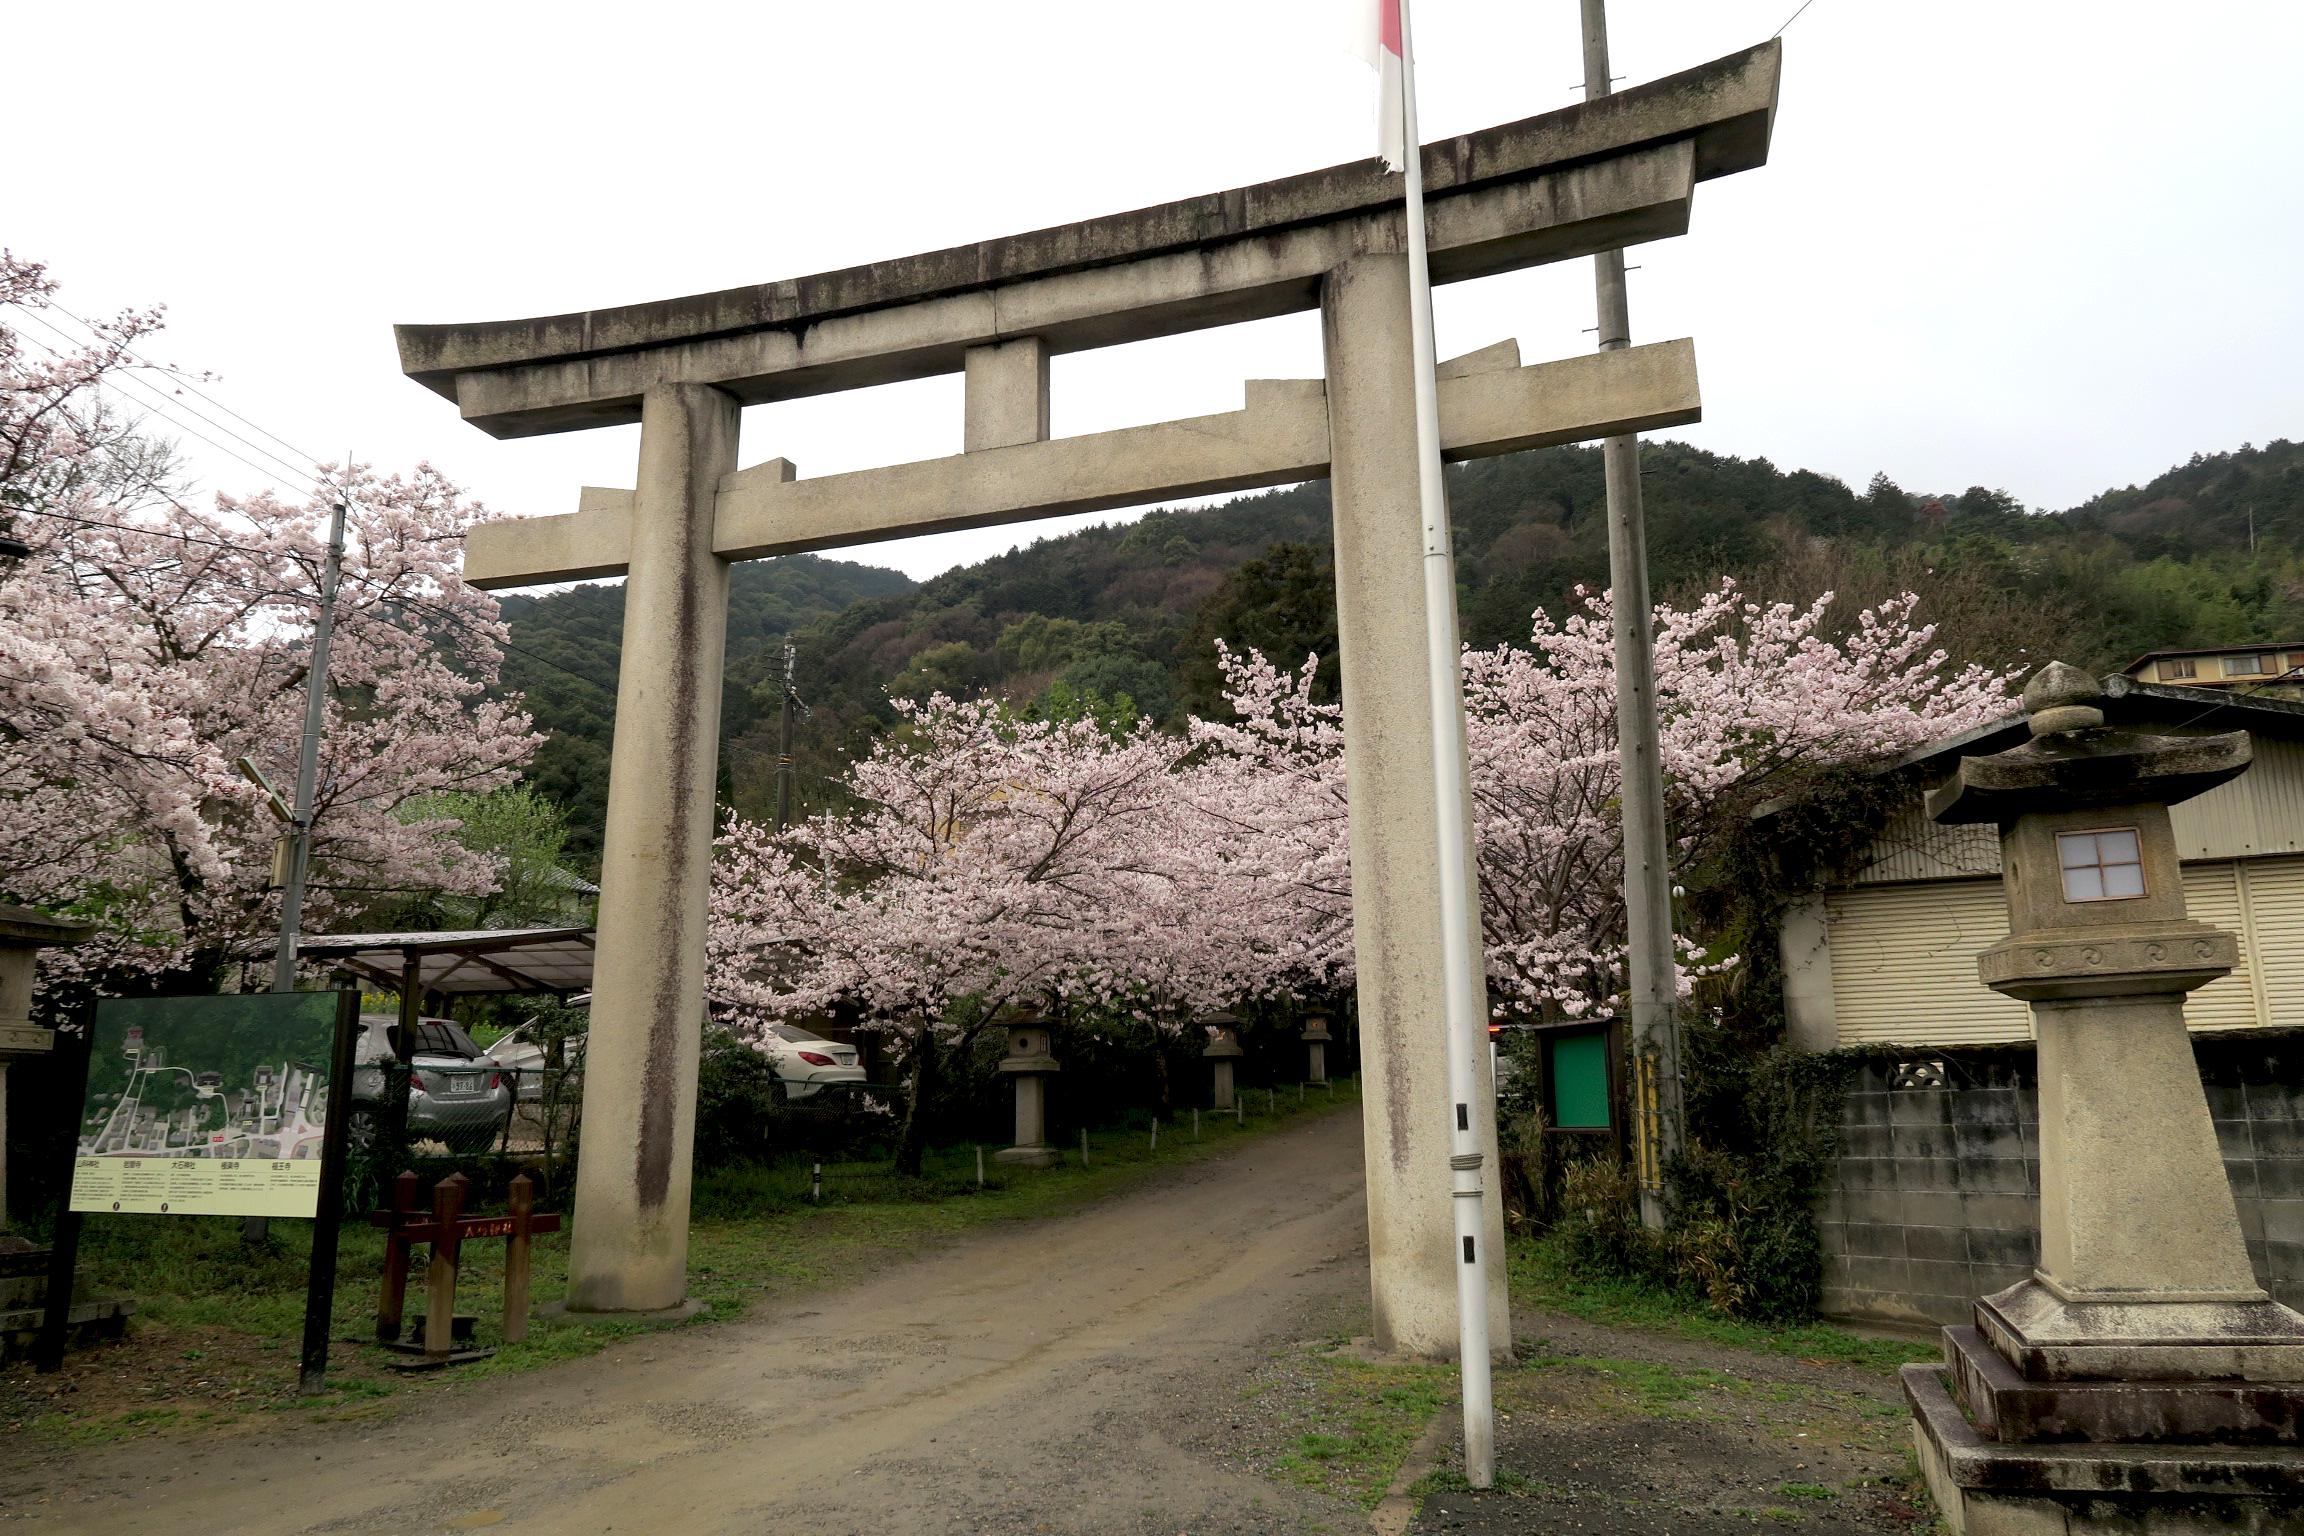 夕方に京都市山科区にある大石神社を訪れてみました。桜は満開!